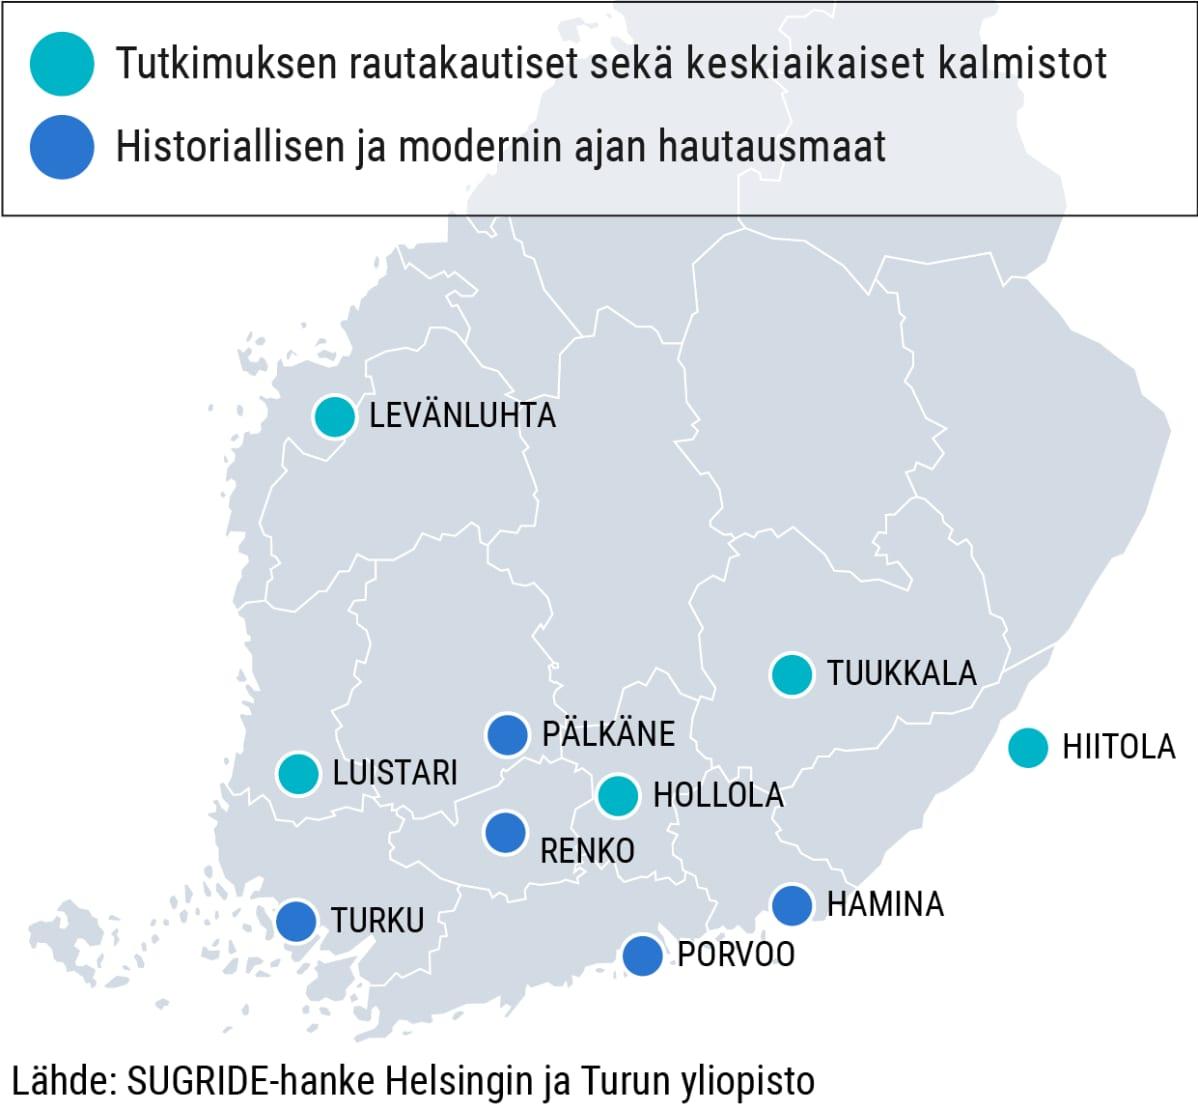 Tutkimuksen rautakautiset sekä keskiaikaiset kalmistot kartalla: Levänluhta, Luistari, Hollola, Tuukkala ja Hiitola. Historiallisen ja modernin ajan hautaustamaat kartalla: Pälkäne, Renko, Turku, Porvoo ja Hamina.